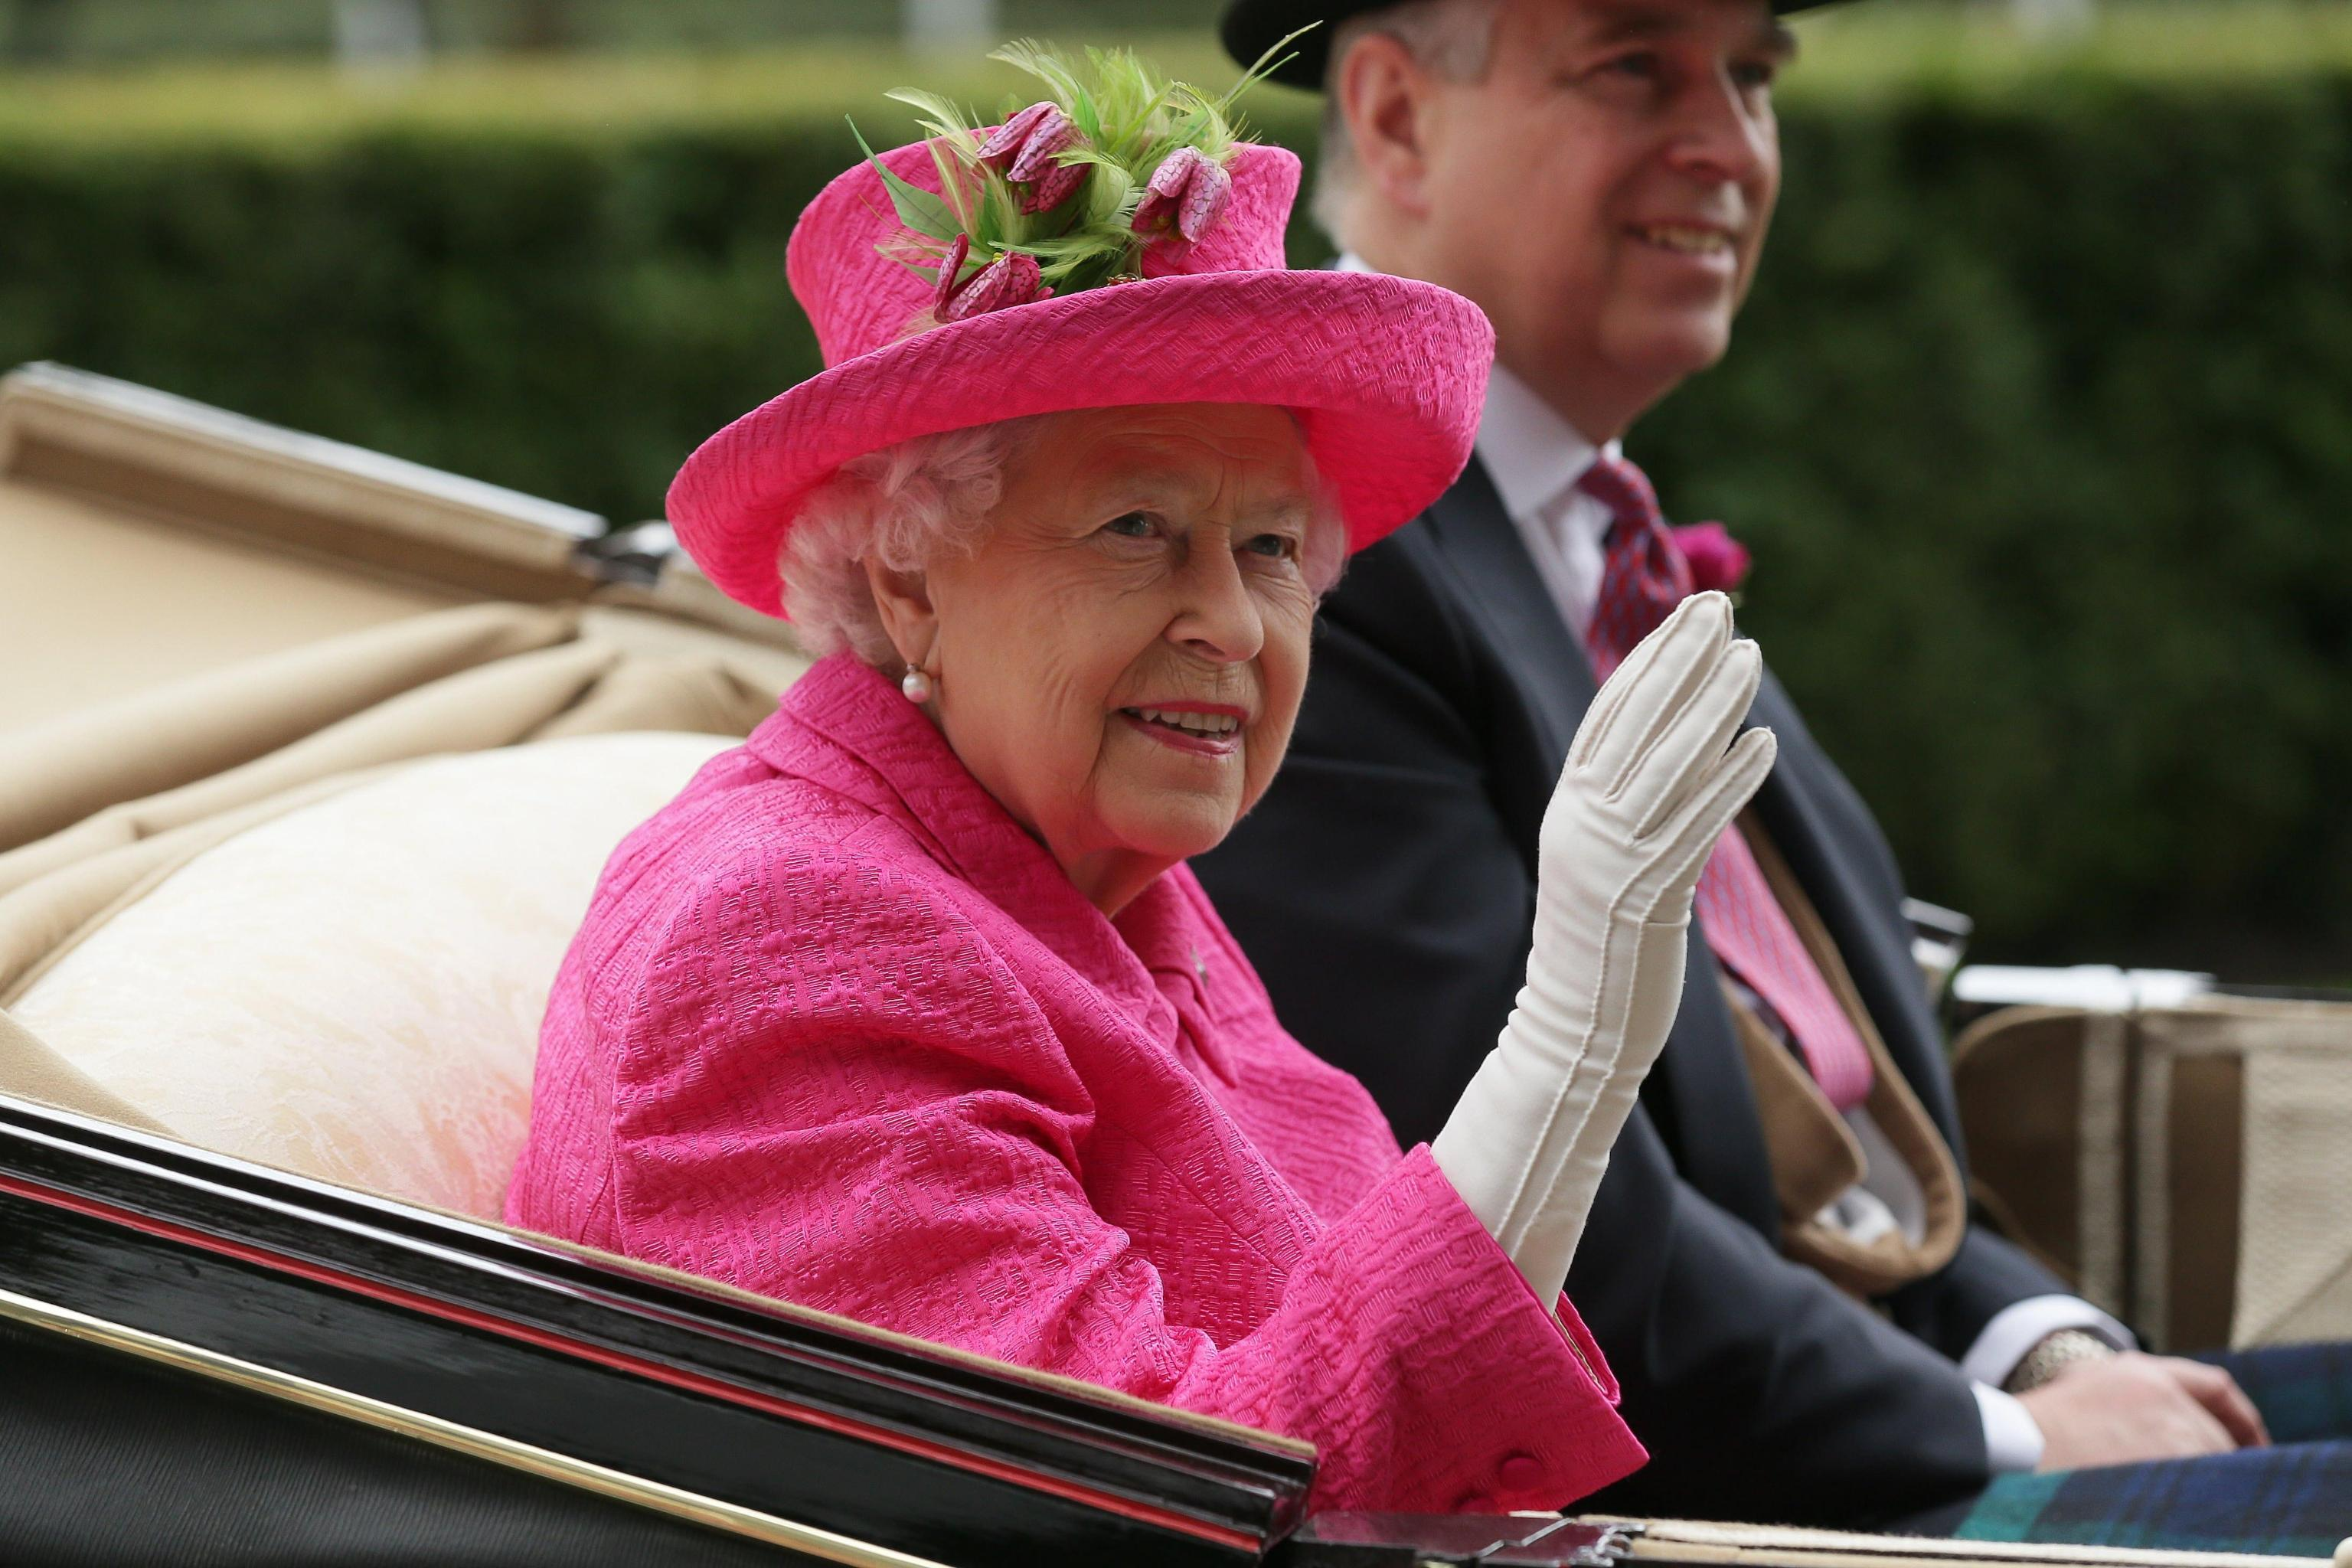 Carrozza Letto In Inglese : Il treno della famiglia reale inglese lusso e design d epoca su